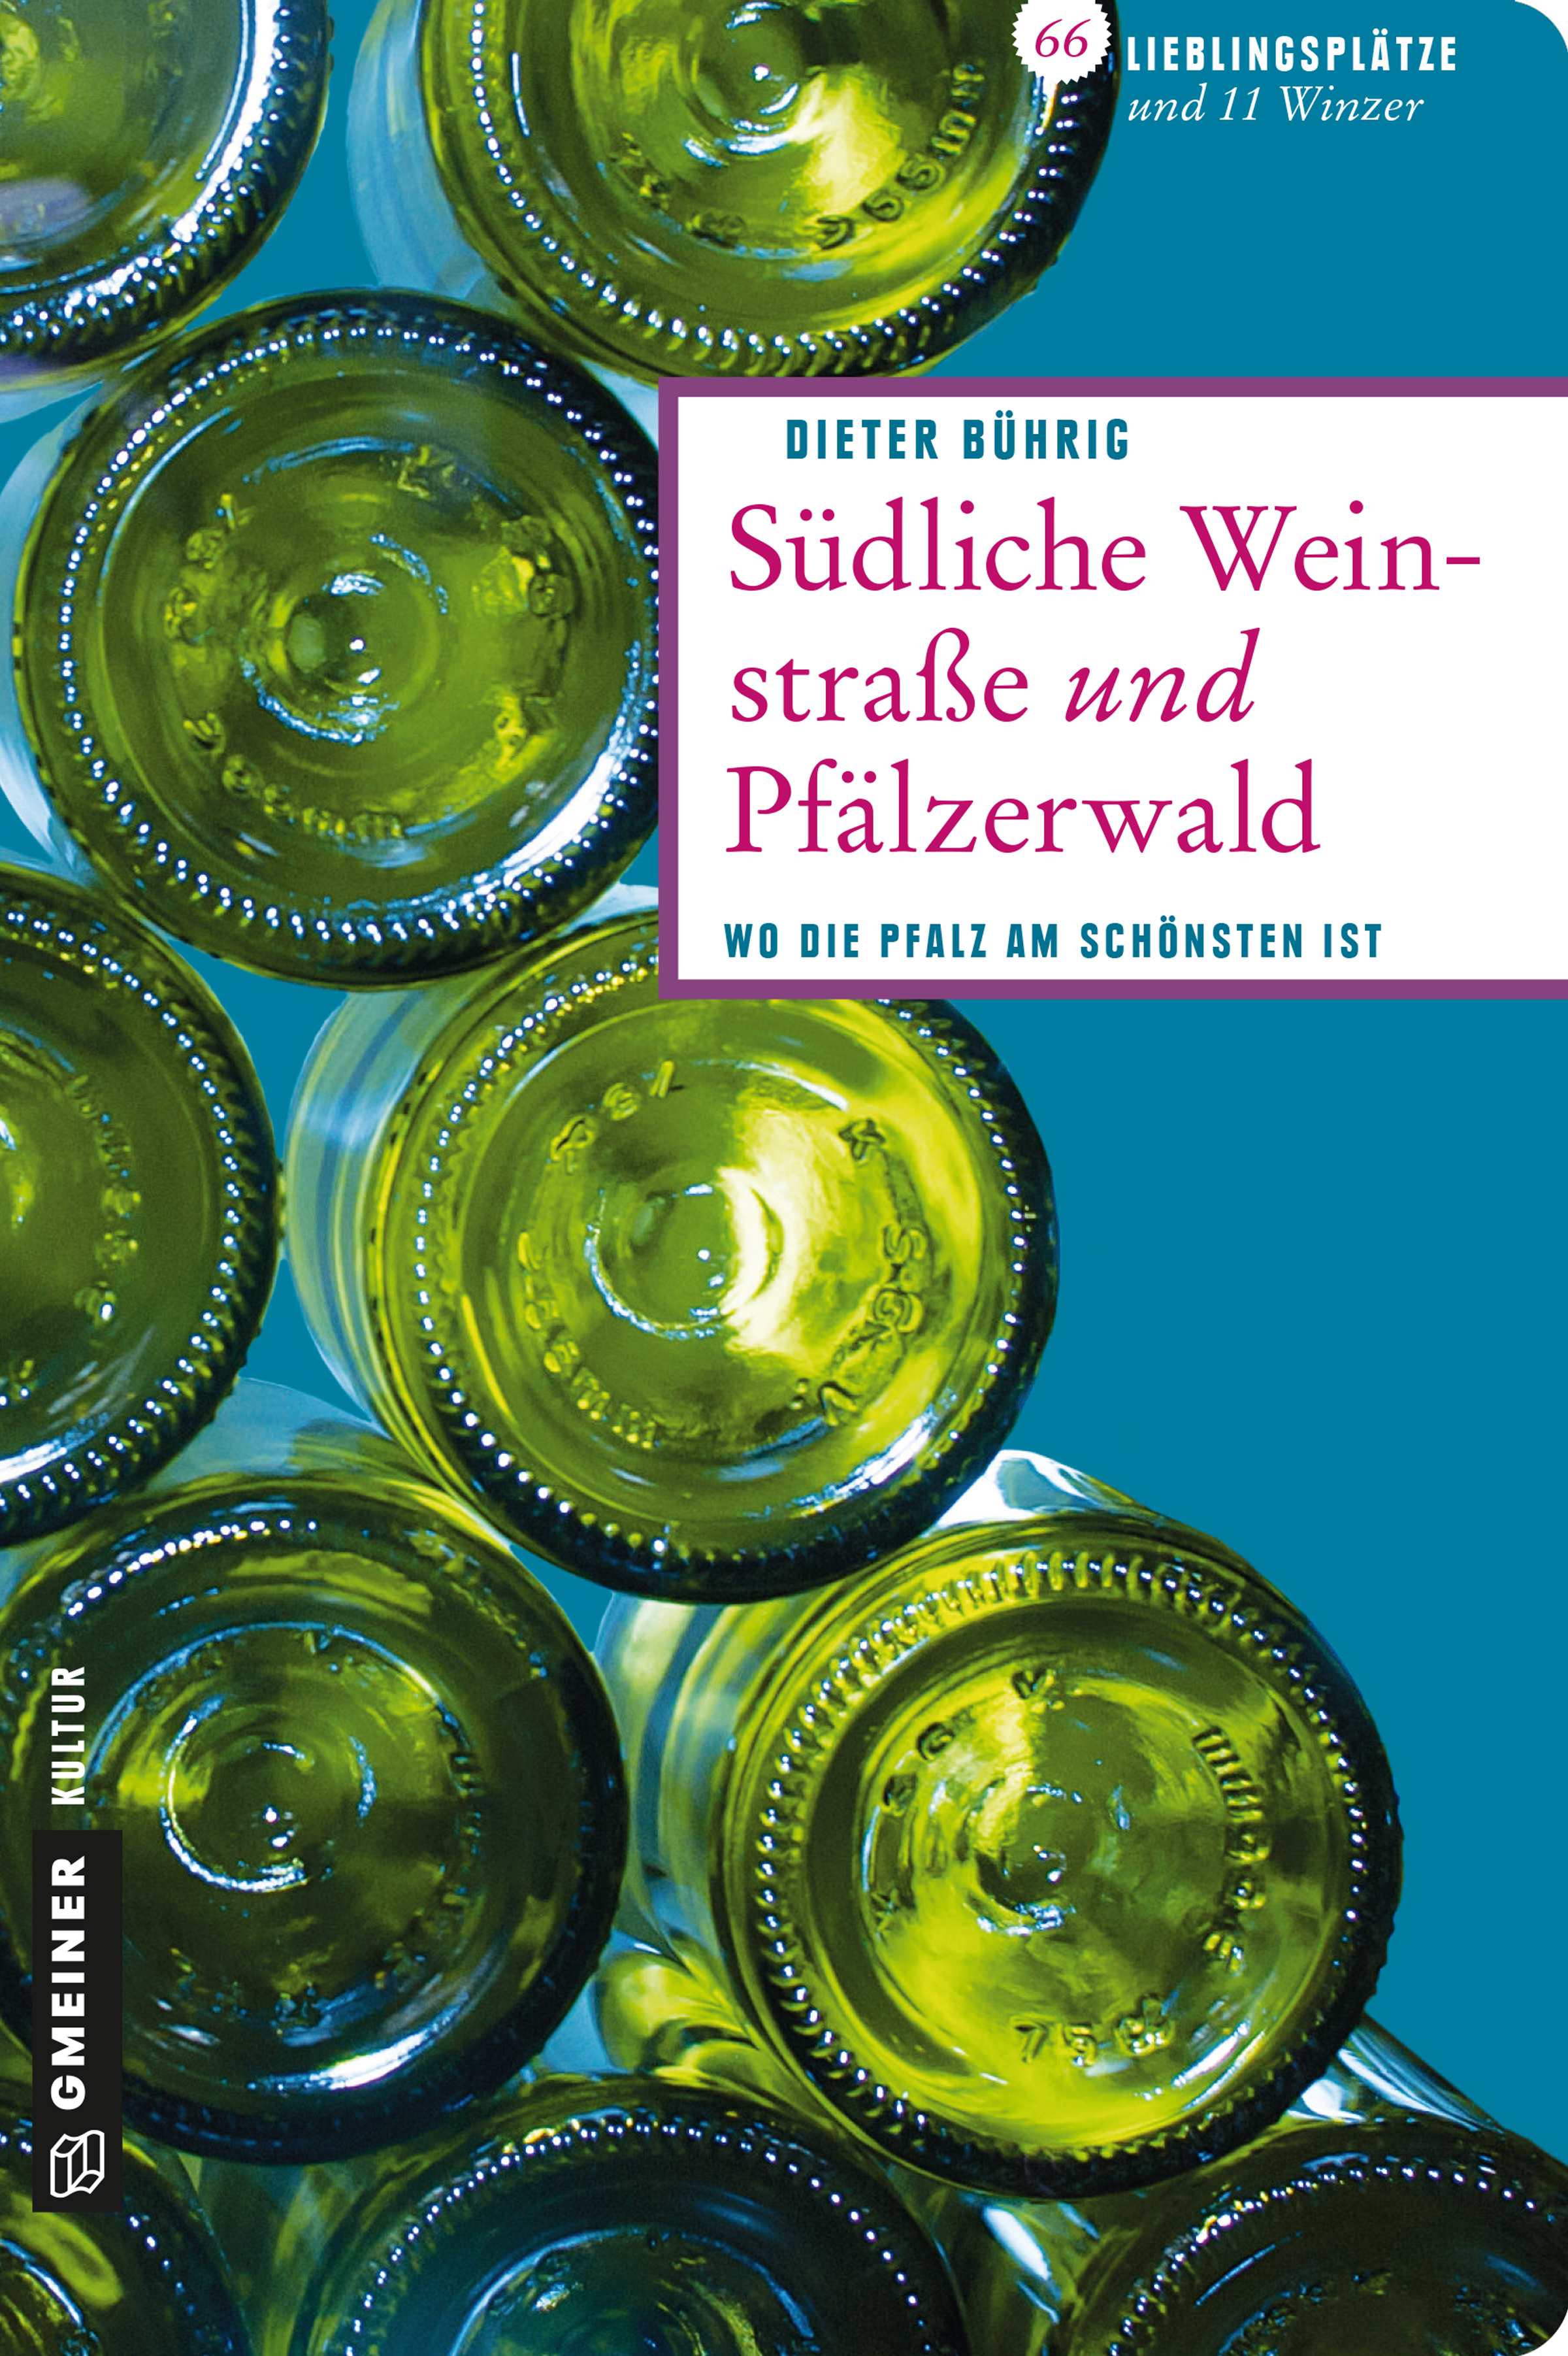 Südliche Weinstraße und Pfälzerwald: 66 Lieblin...